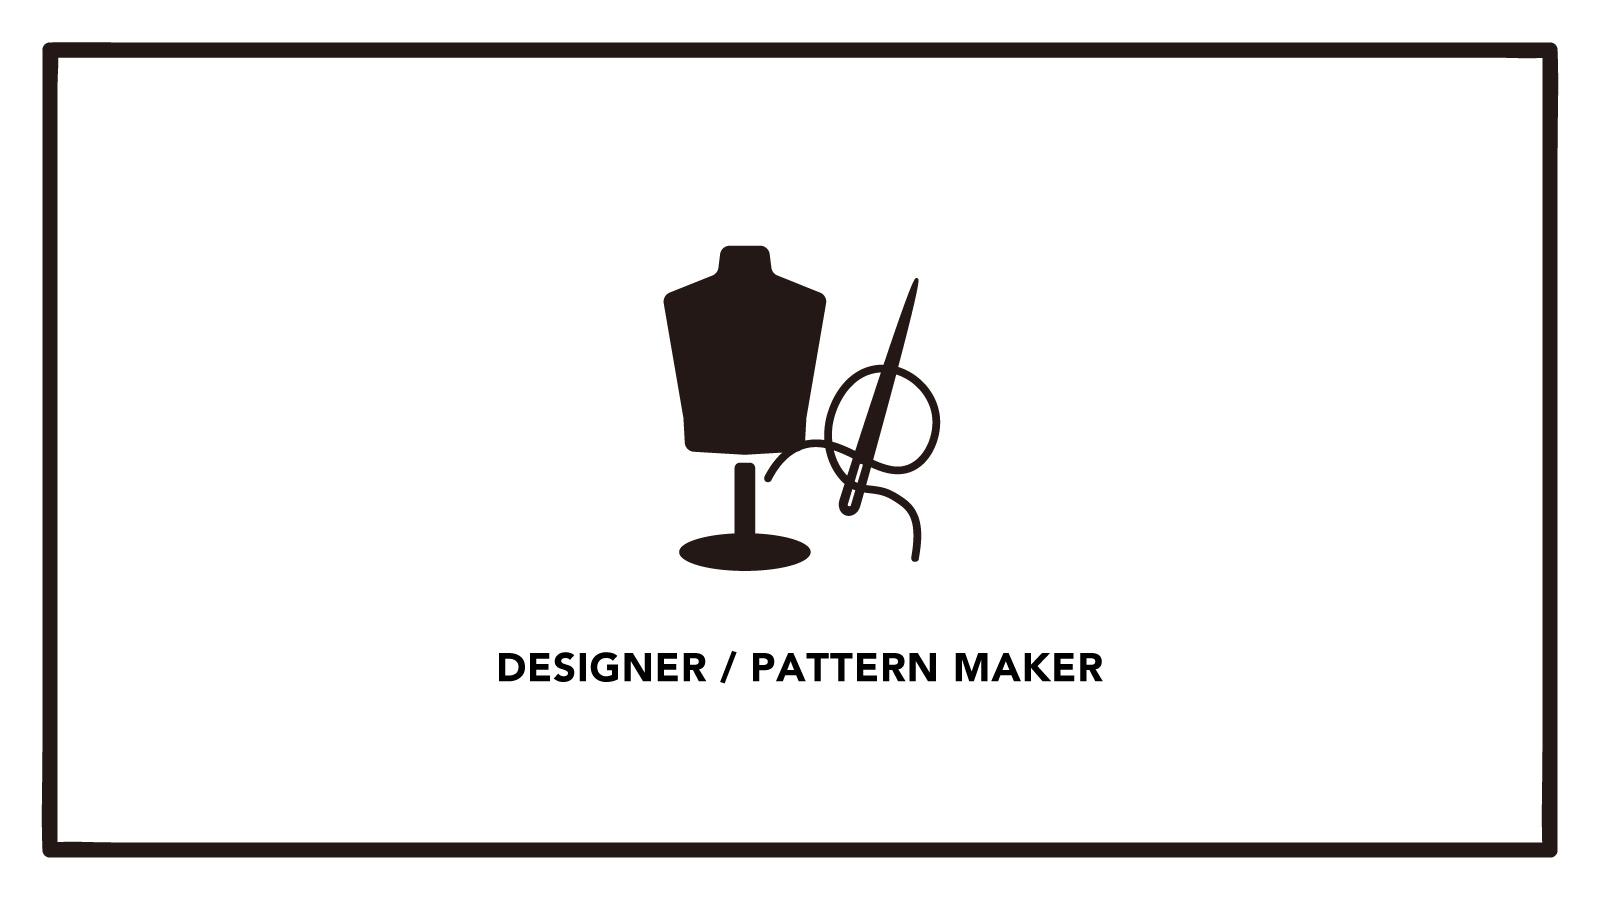 【プロダクトデザイナー】デザイン性と機能性を兼ね備えたブランド!【中途/新卒】のカバー写真